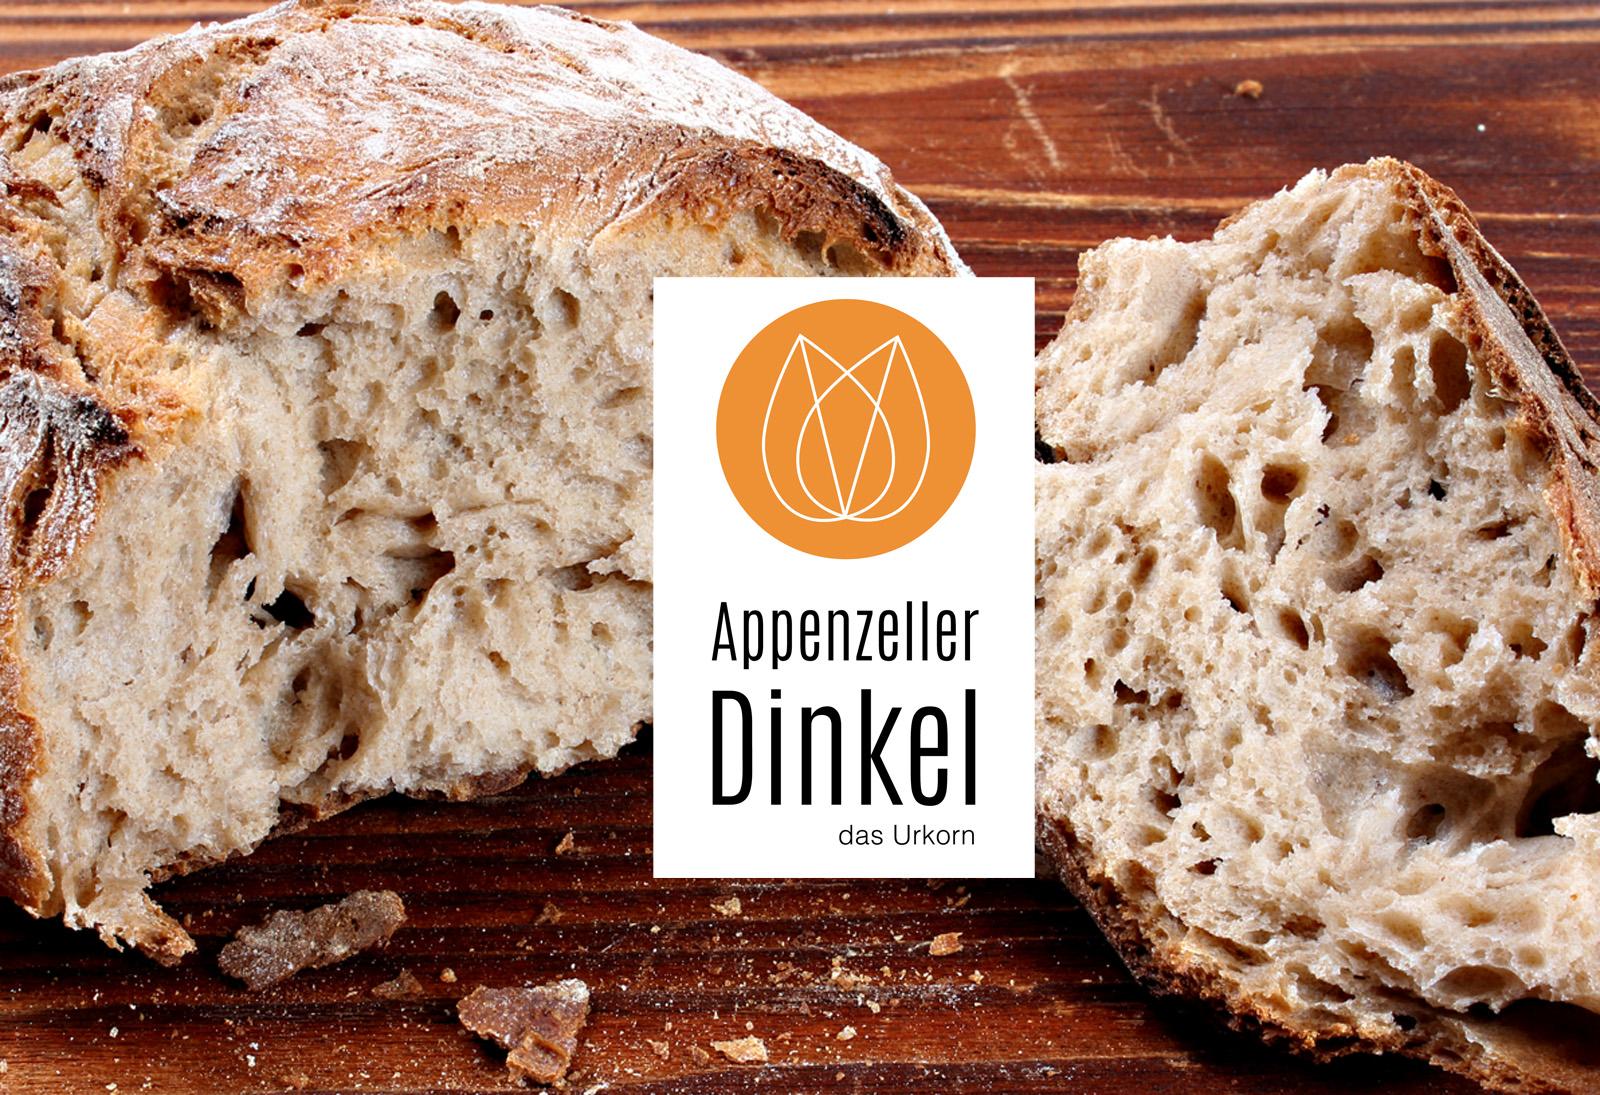 Dinkel-Teaser2